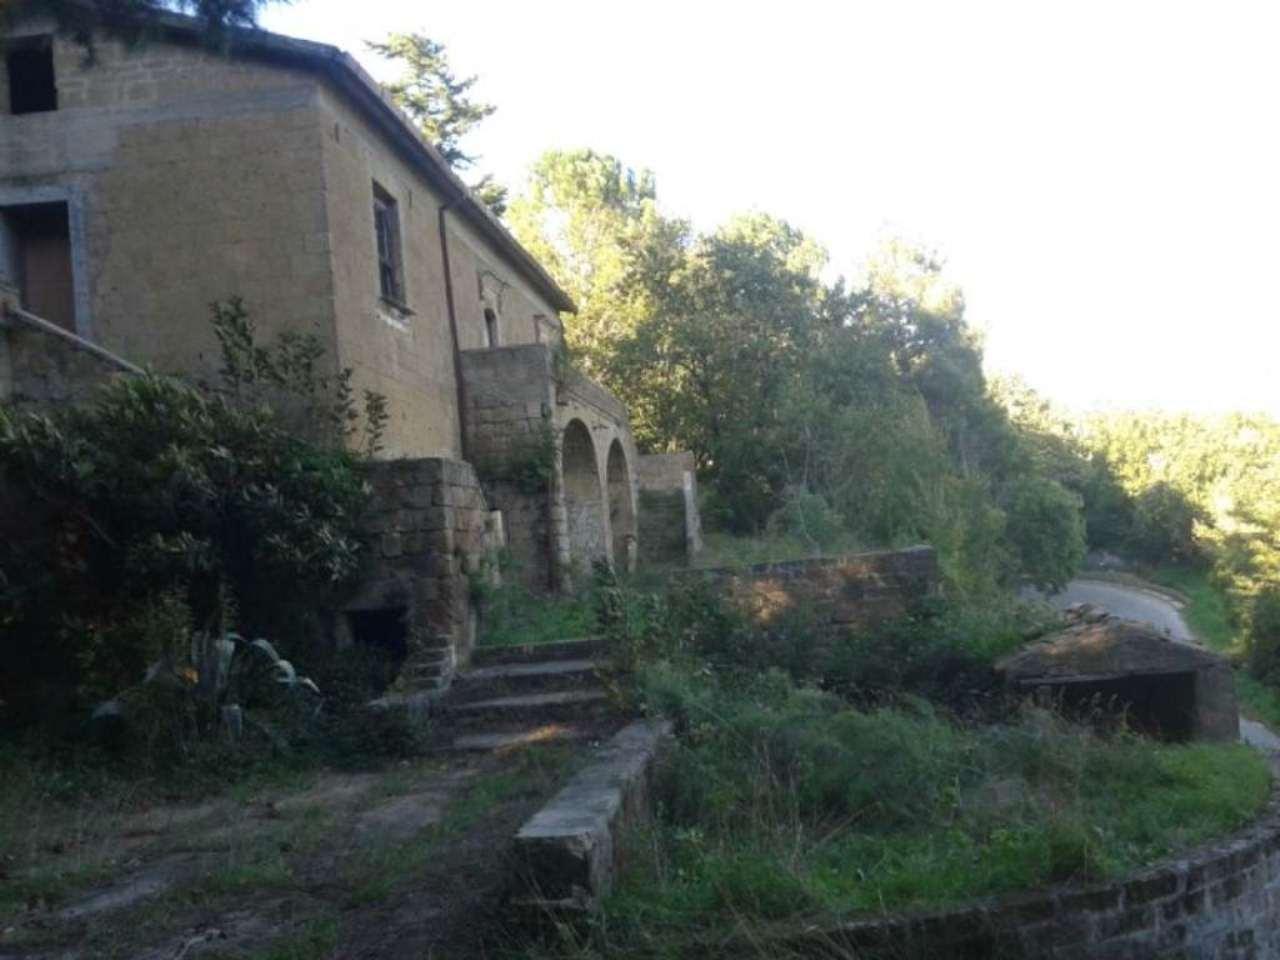 Terreno Agricolo in vendita a Sant'Agata De' Goti, 6 locali, prezzo € 590.000 | CambioCasa.it